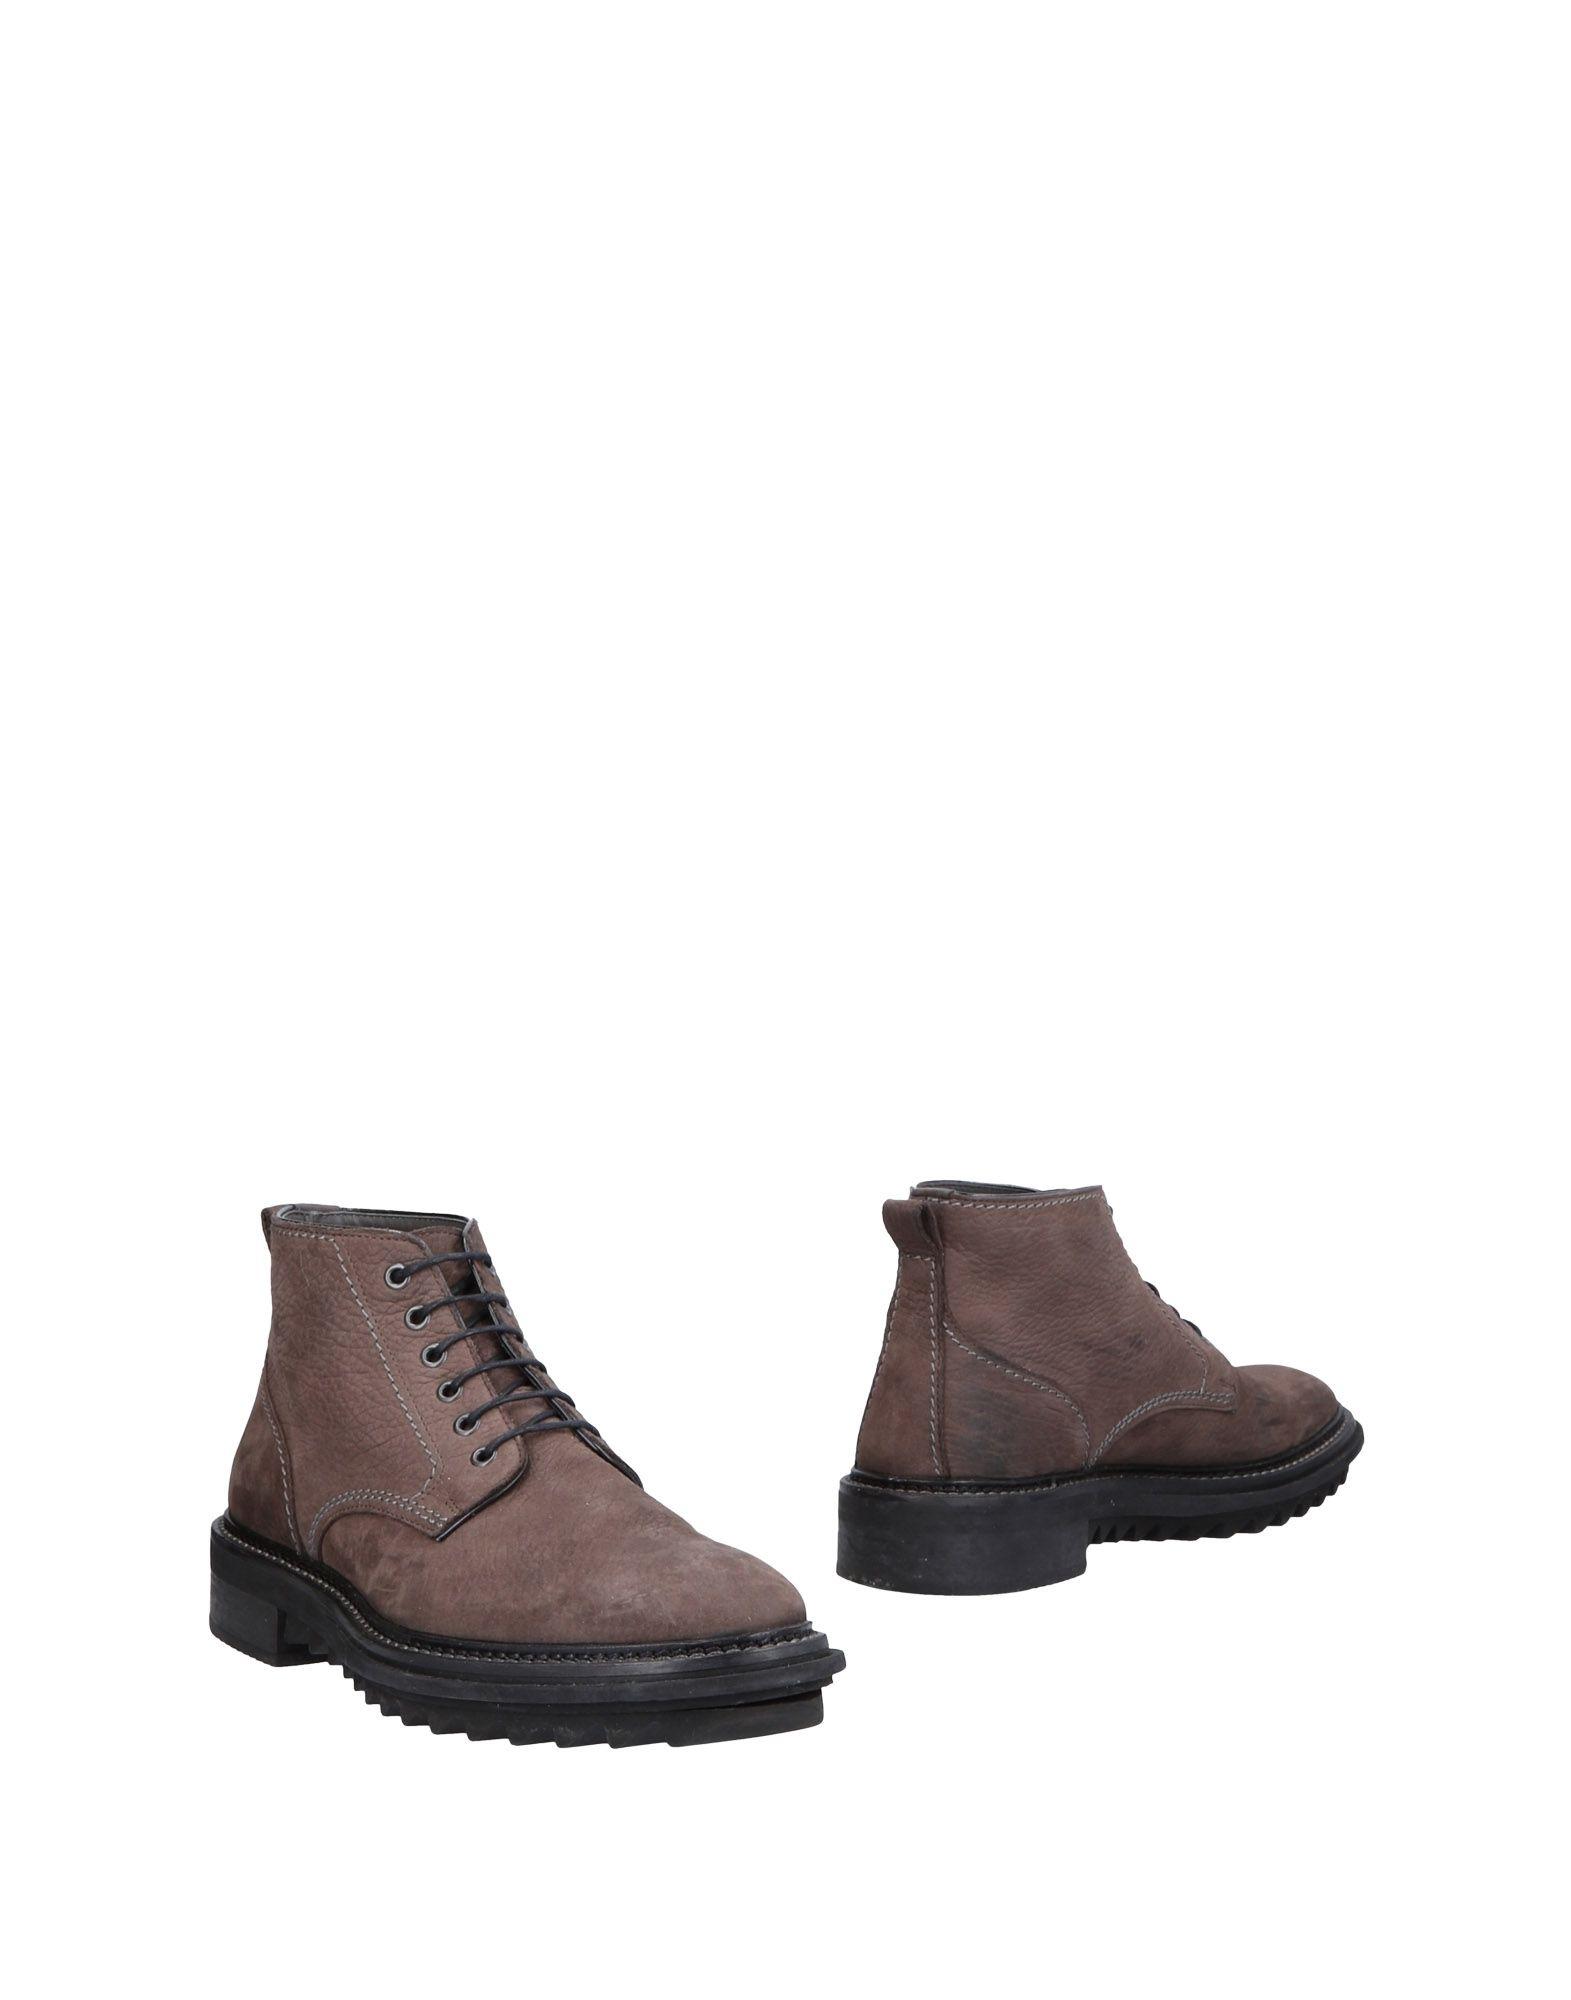 Lanvin Stiefelette Herren  11462095JV Gute Qualität beliebte Schuhe